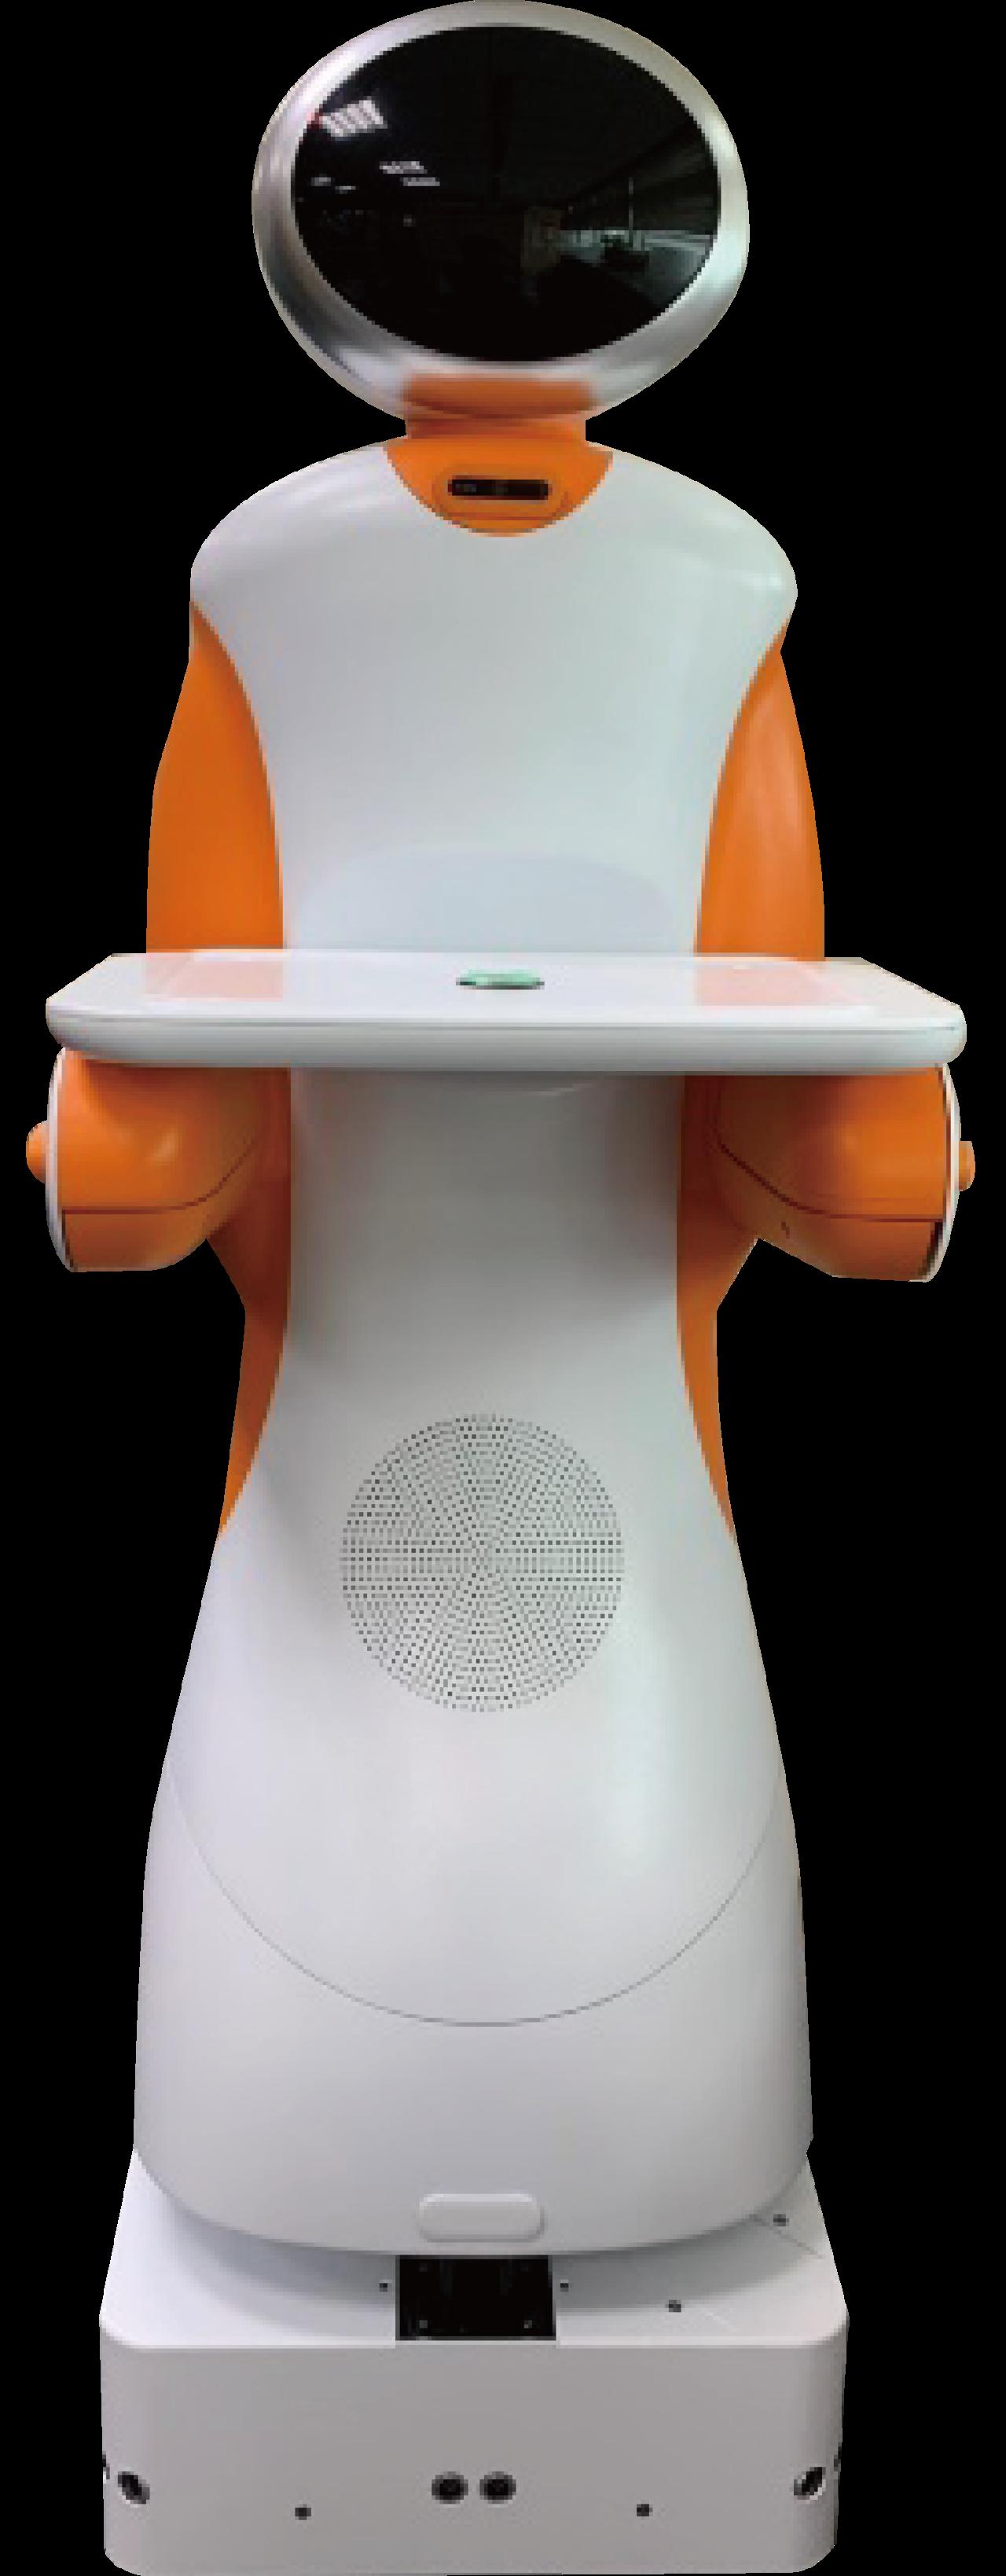 東元的送餐機器人已應用於摩斯漢堡。圖/東元提供